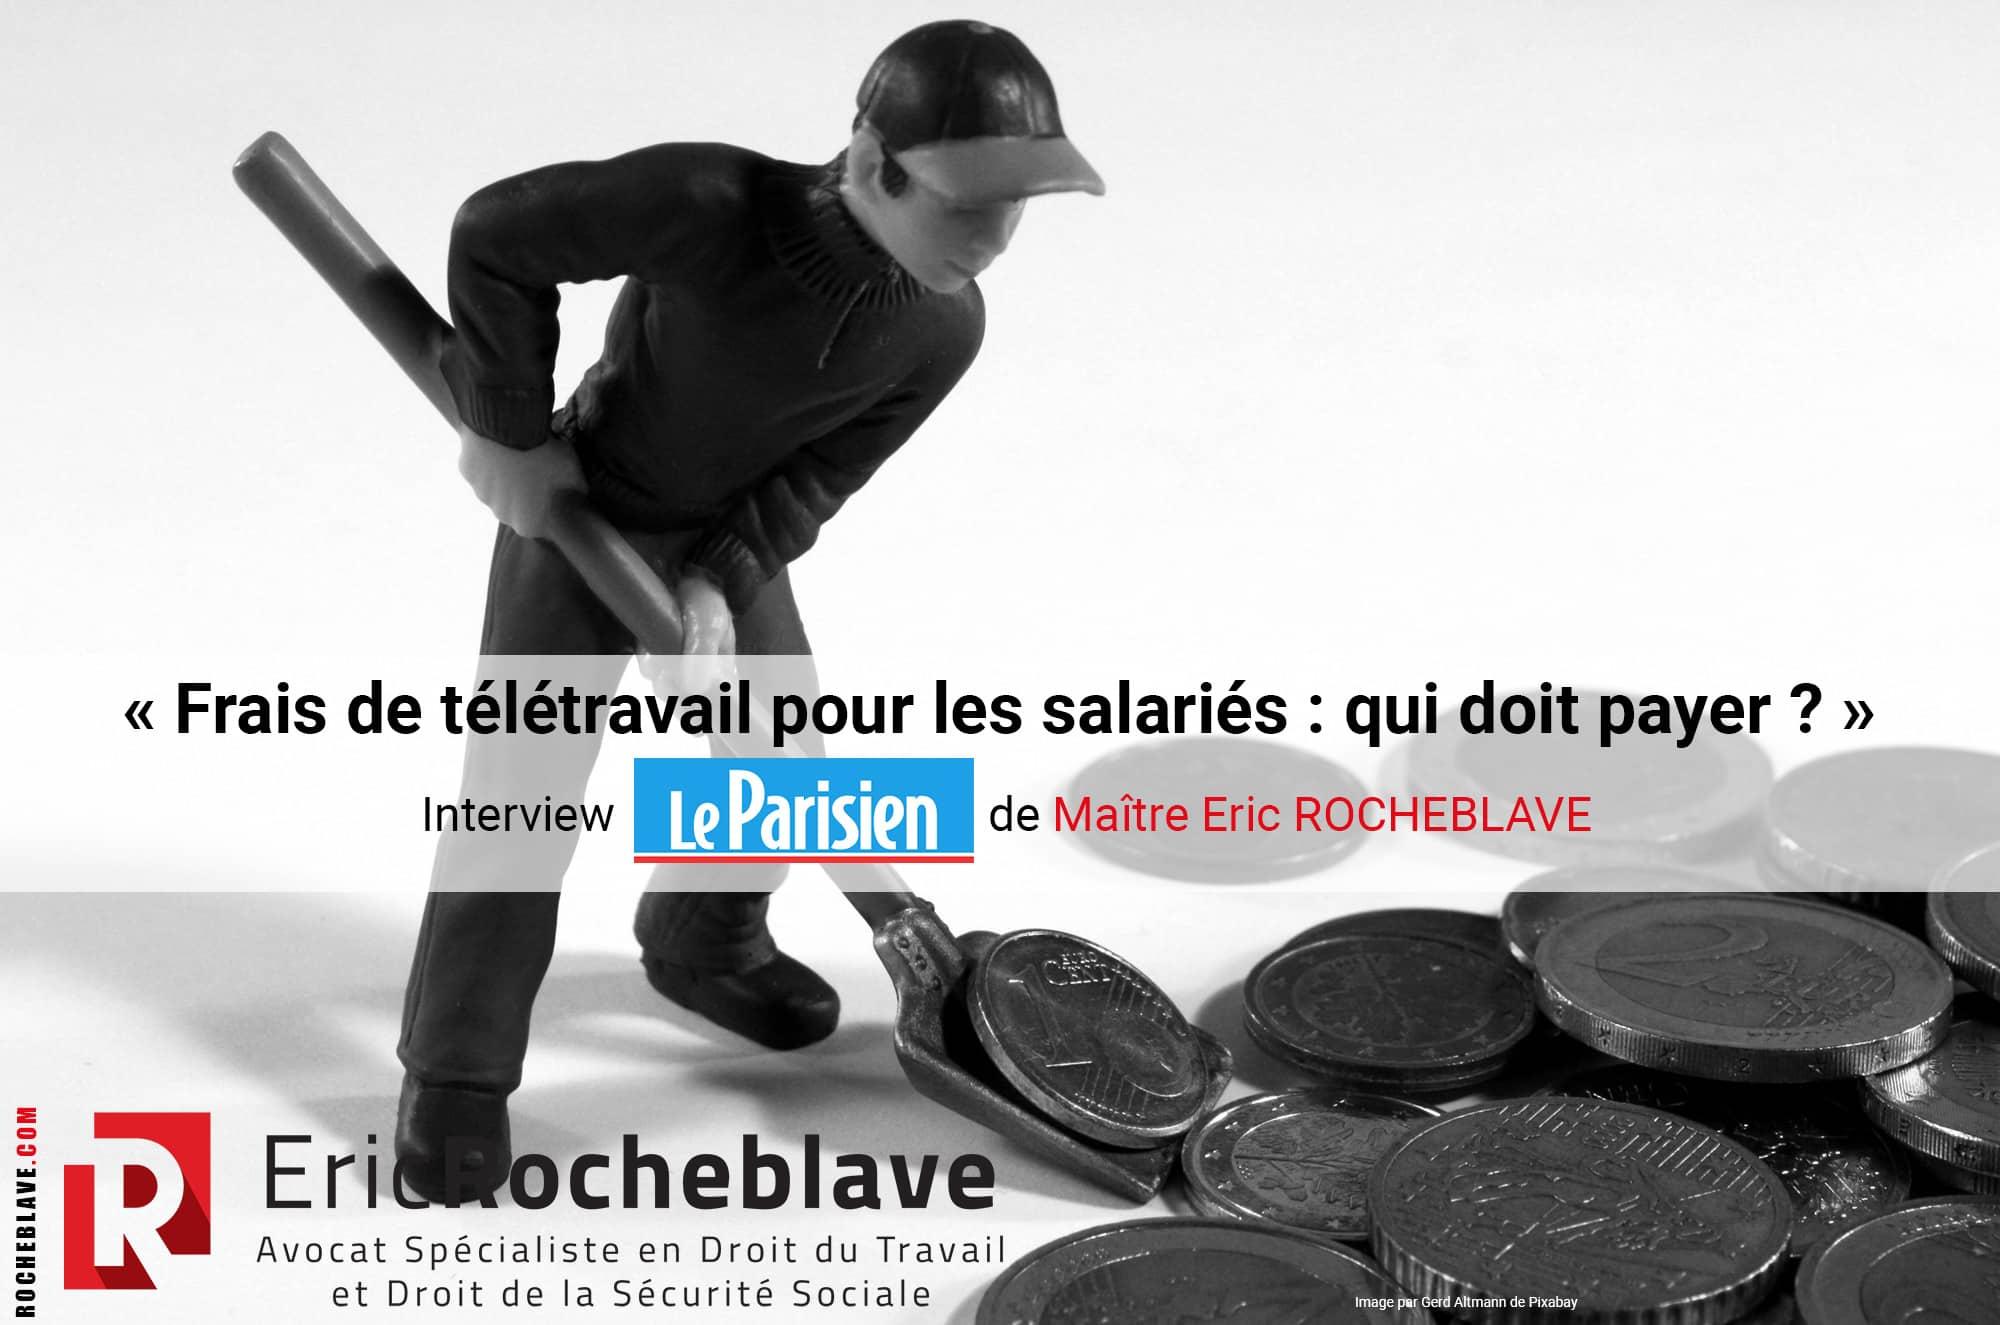 « Frais de télétravail pour les salariés : qui doit payer ? » Interview Le Parisien de Maître Eric ROCHEBLAVE